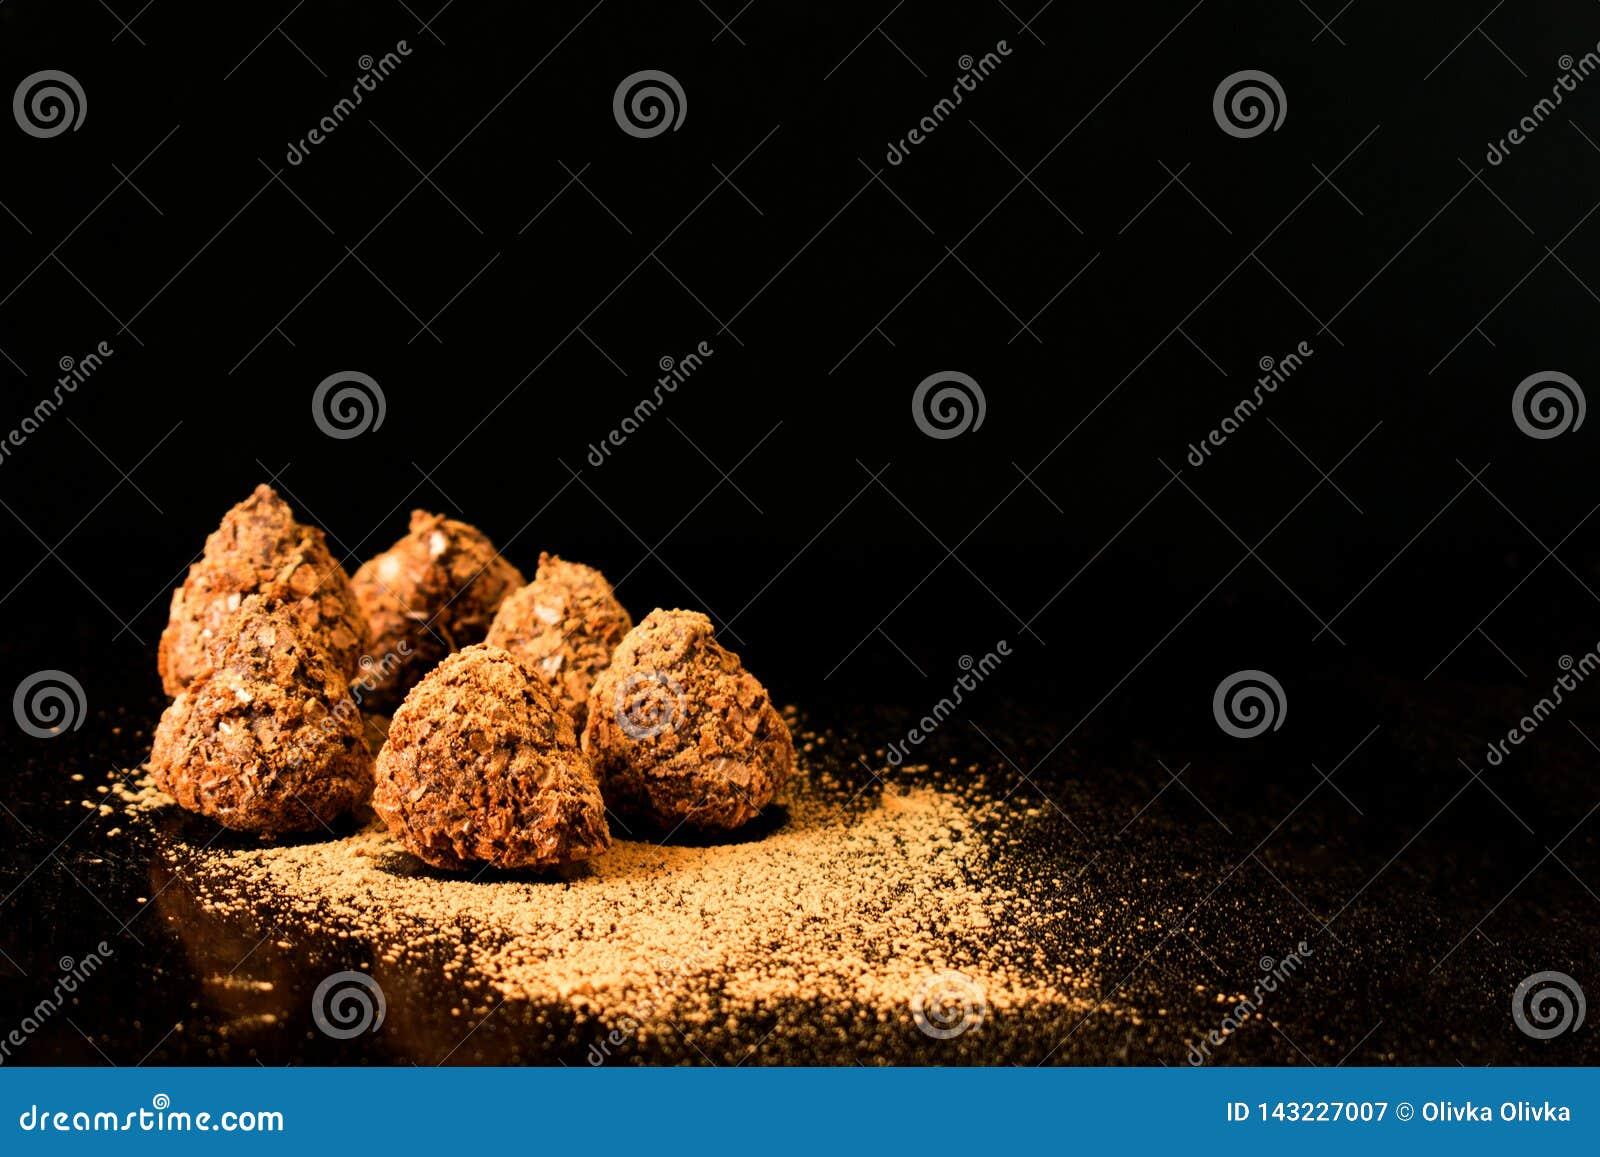 Schokoladentrüffelsüßigkeiten mit Kakaopulver auf einem dunklen Hintergrund